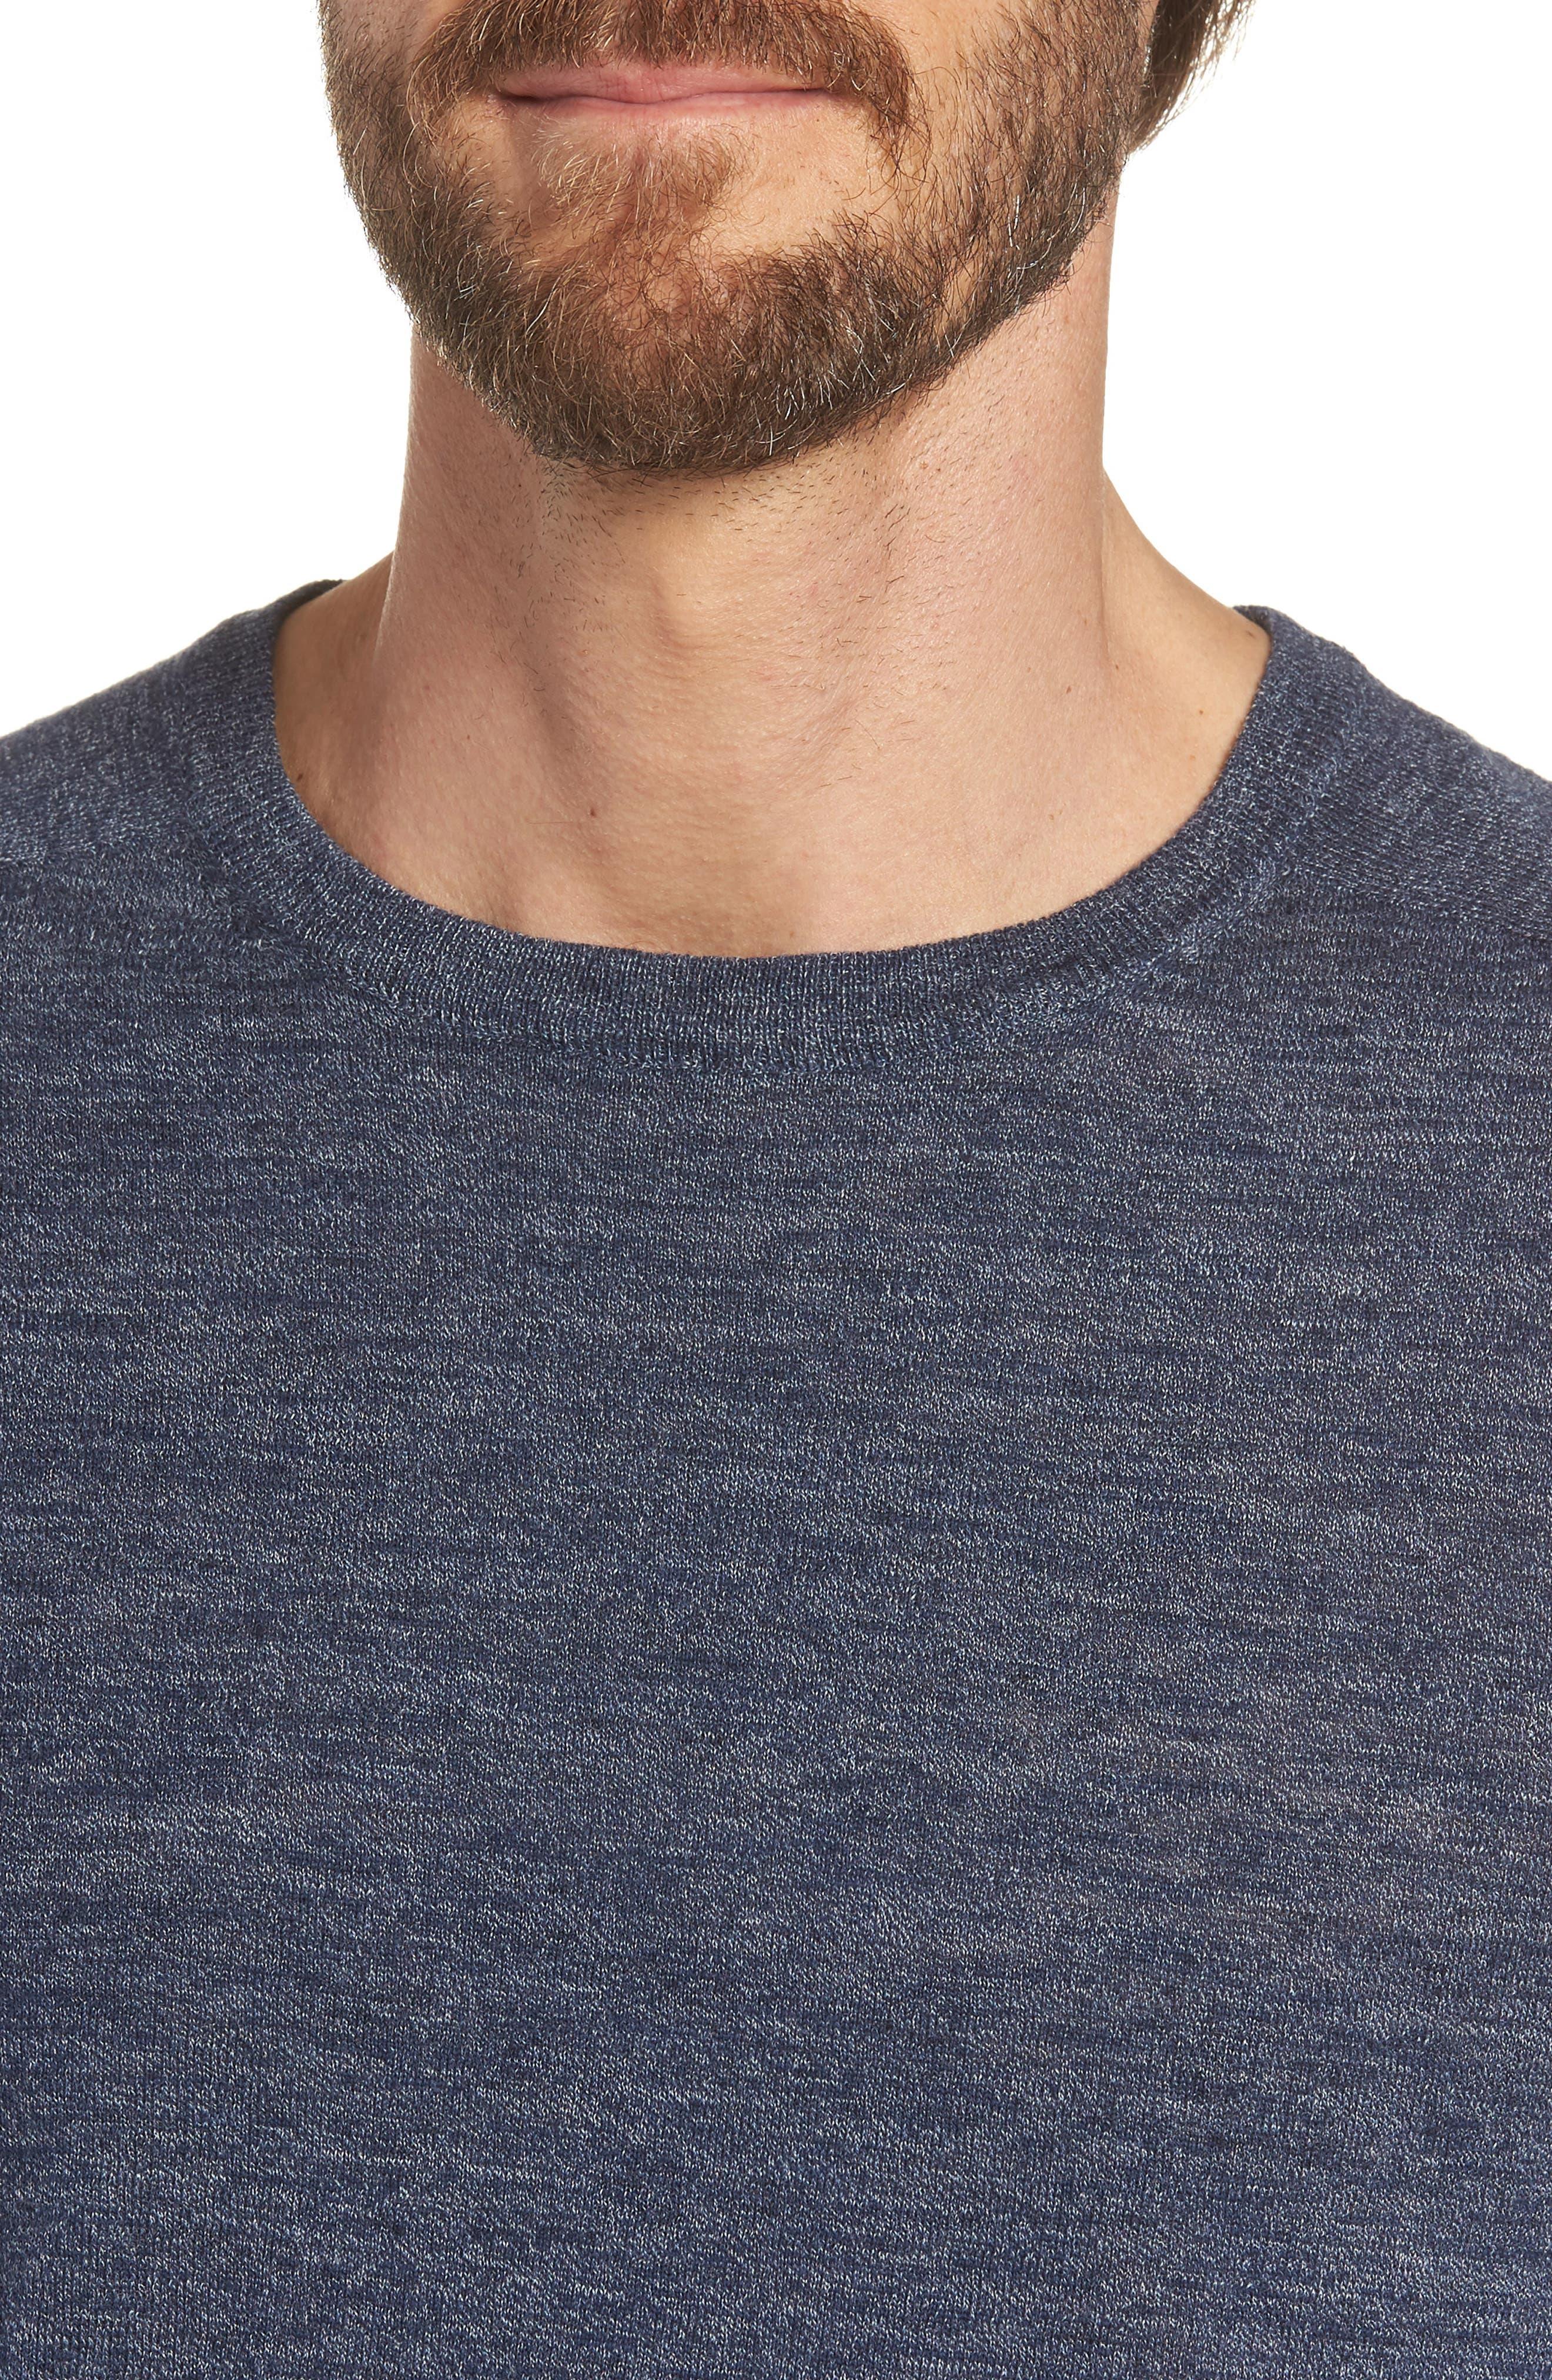 Cotton Blend Crewneck Sweater,                             Alternate thumbnail 15, color,